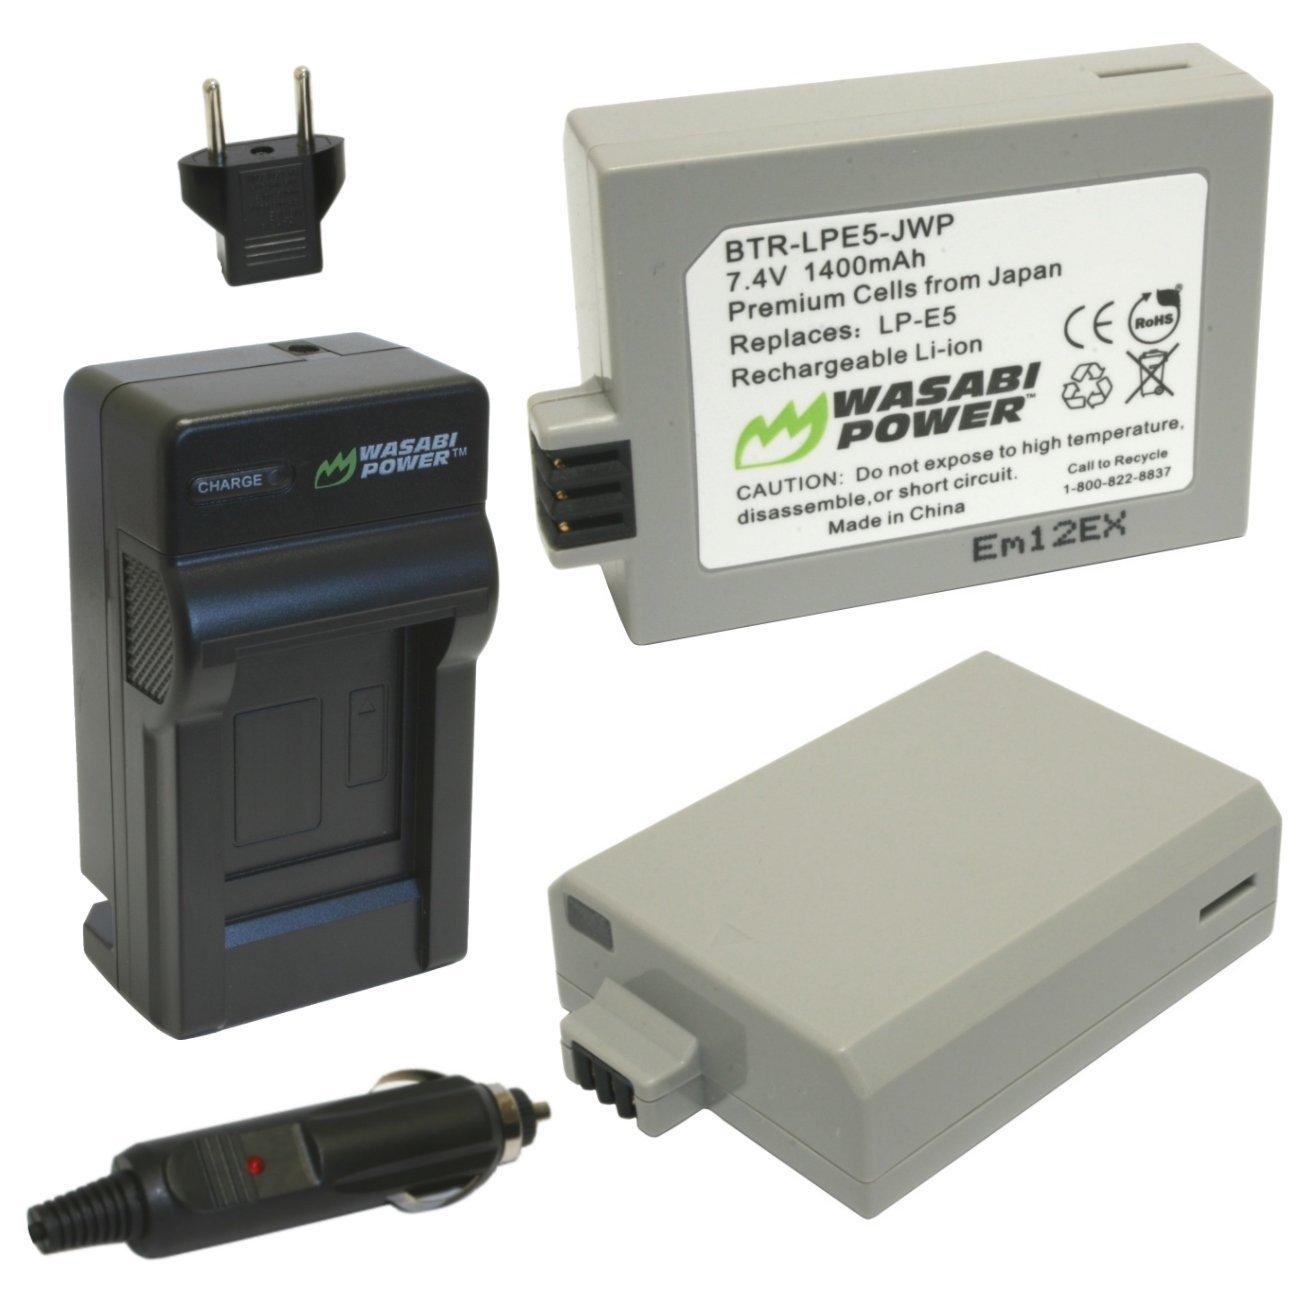 Wasabi Battery